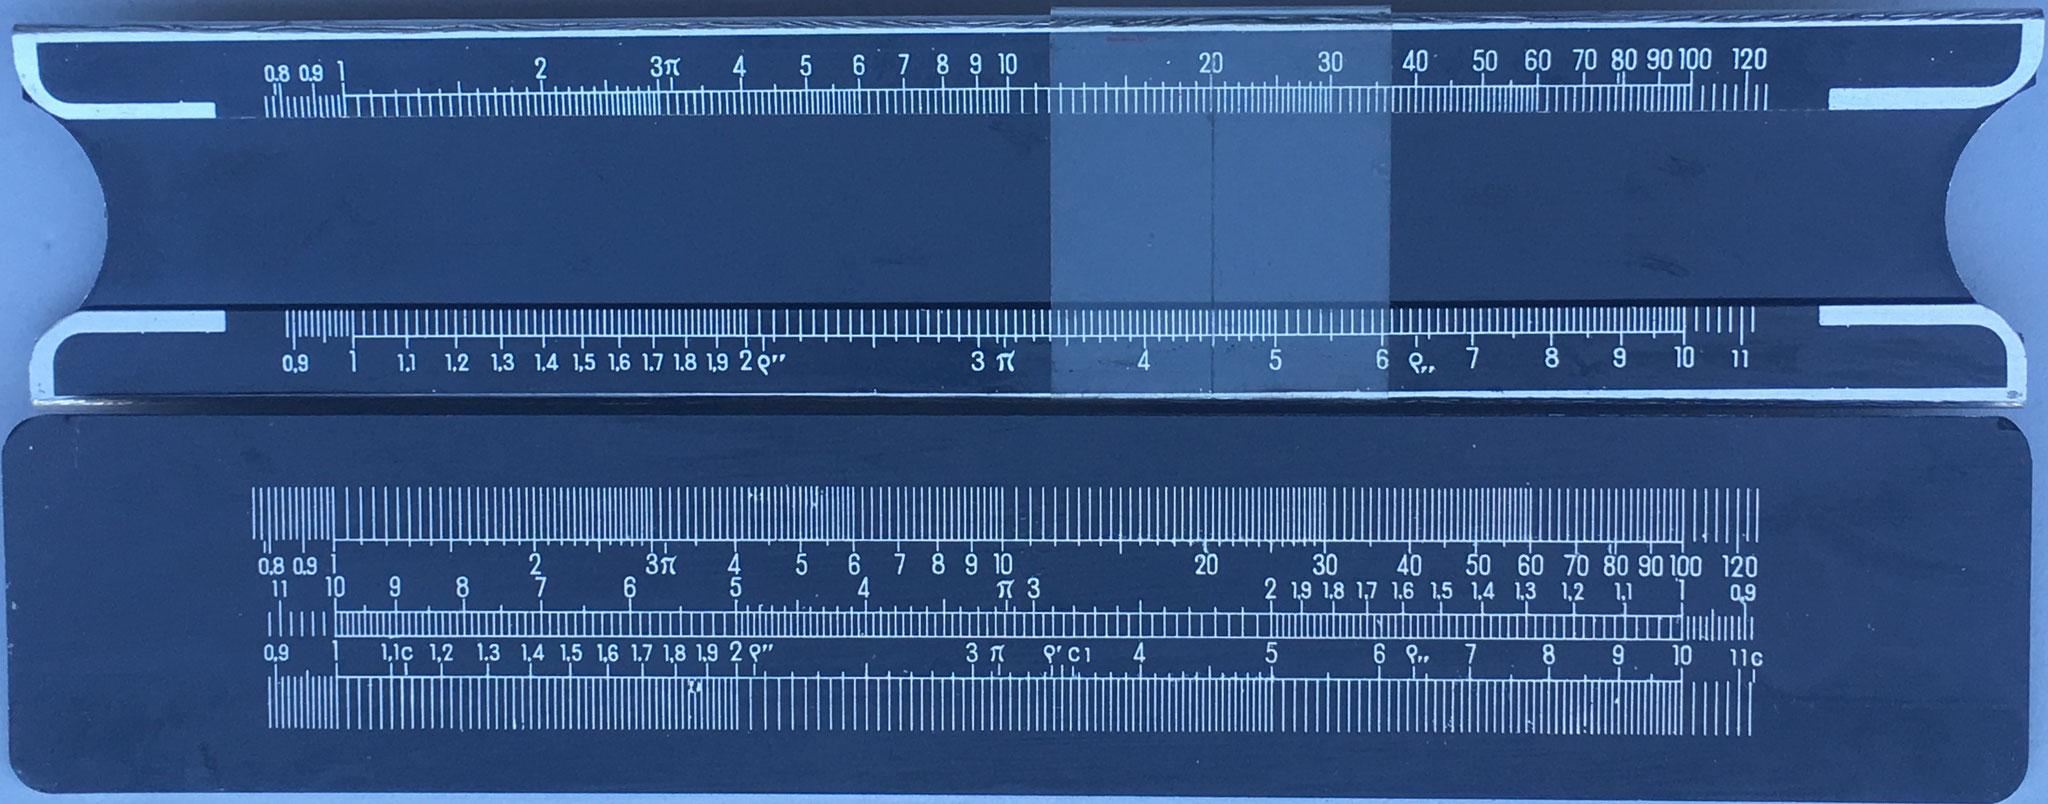 Regla de cálculo STILUS, obsequio publicitario de Zulaica y Cia S.R.C. (Fábrica de Estuches de Dibujo STILUS, Zarauz), aluminio, año 1950,15x3 cm